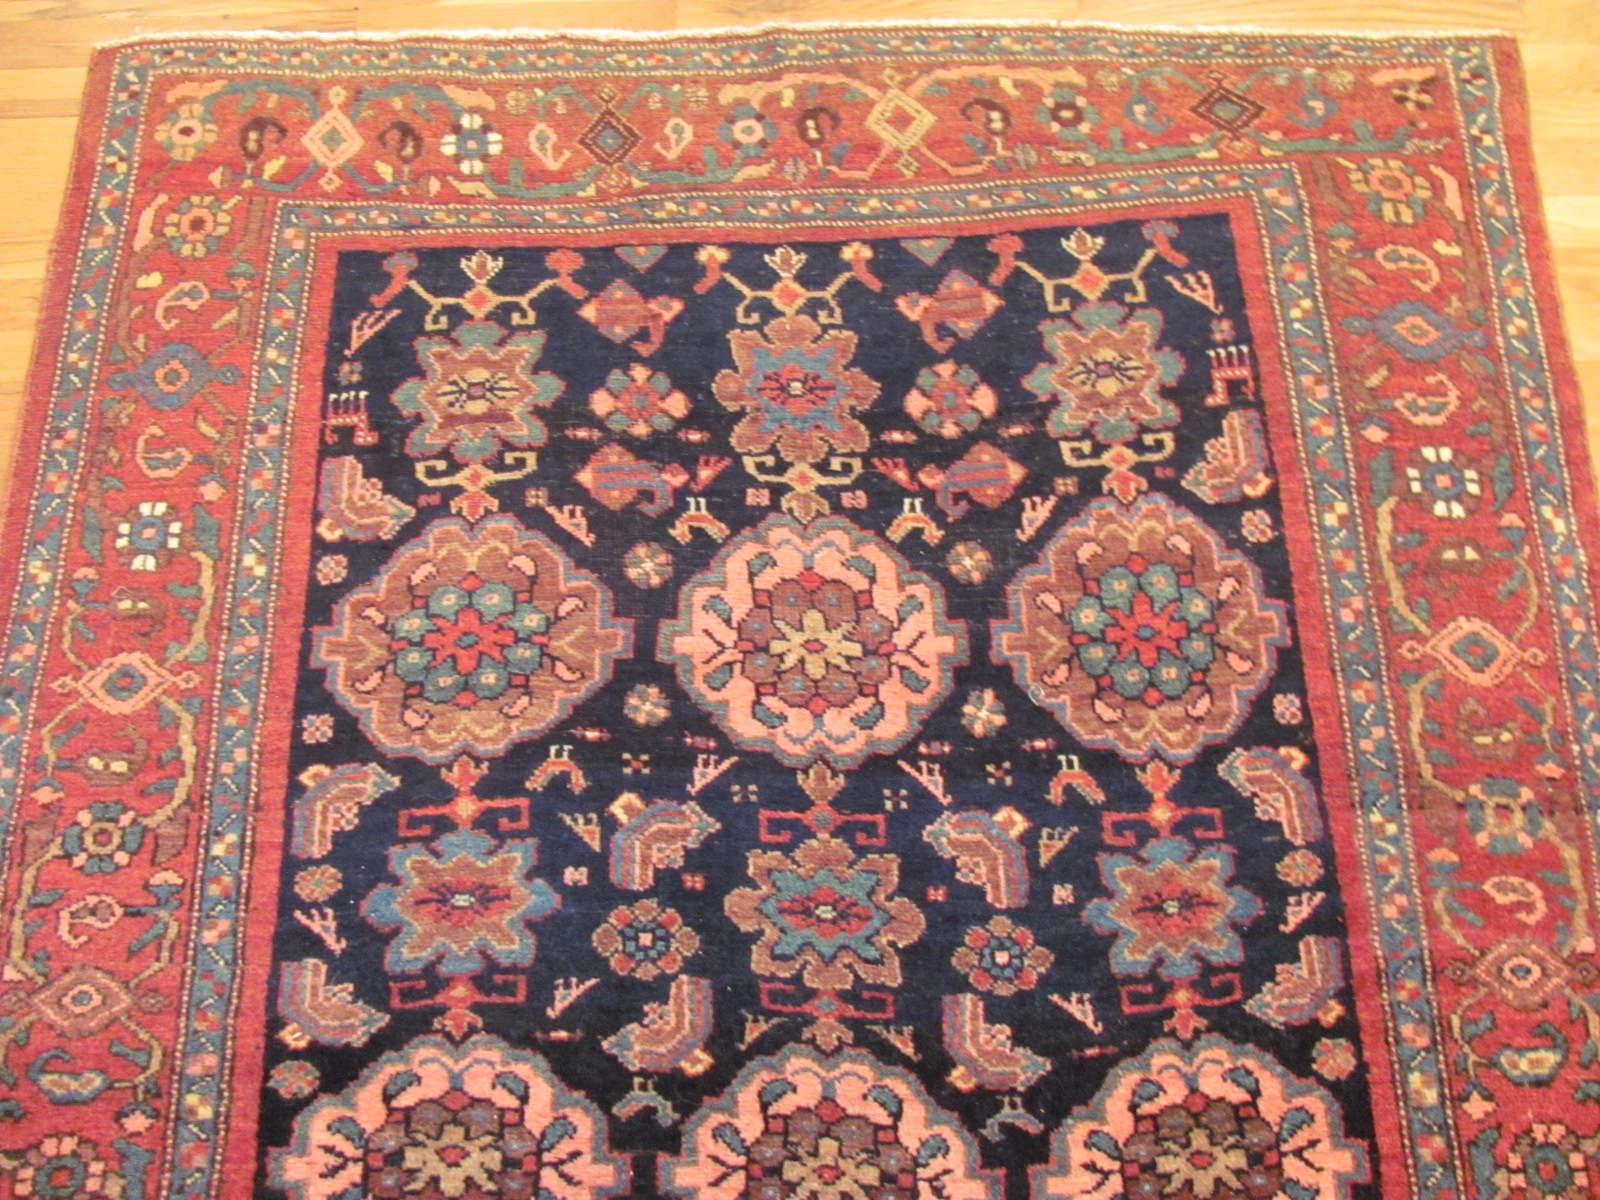 24611 antique bidjar persian rug 4,4 x 6,5 -1